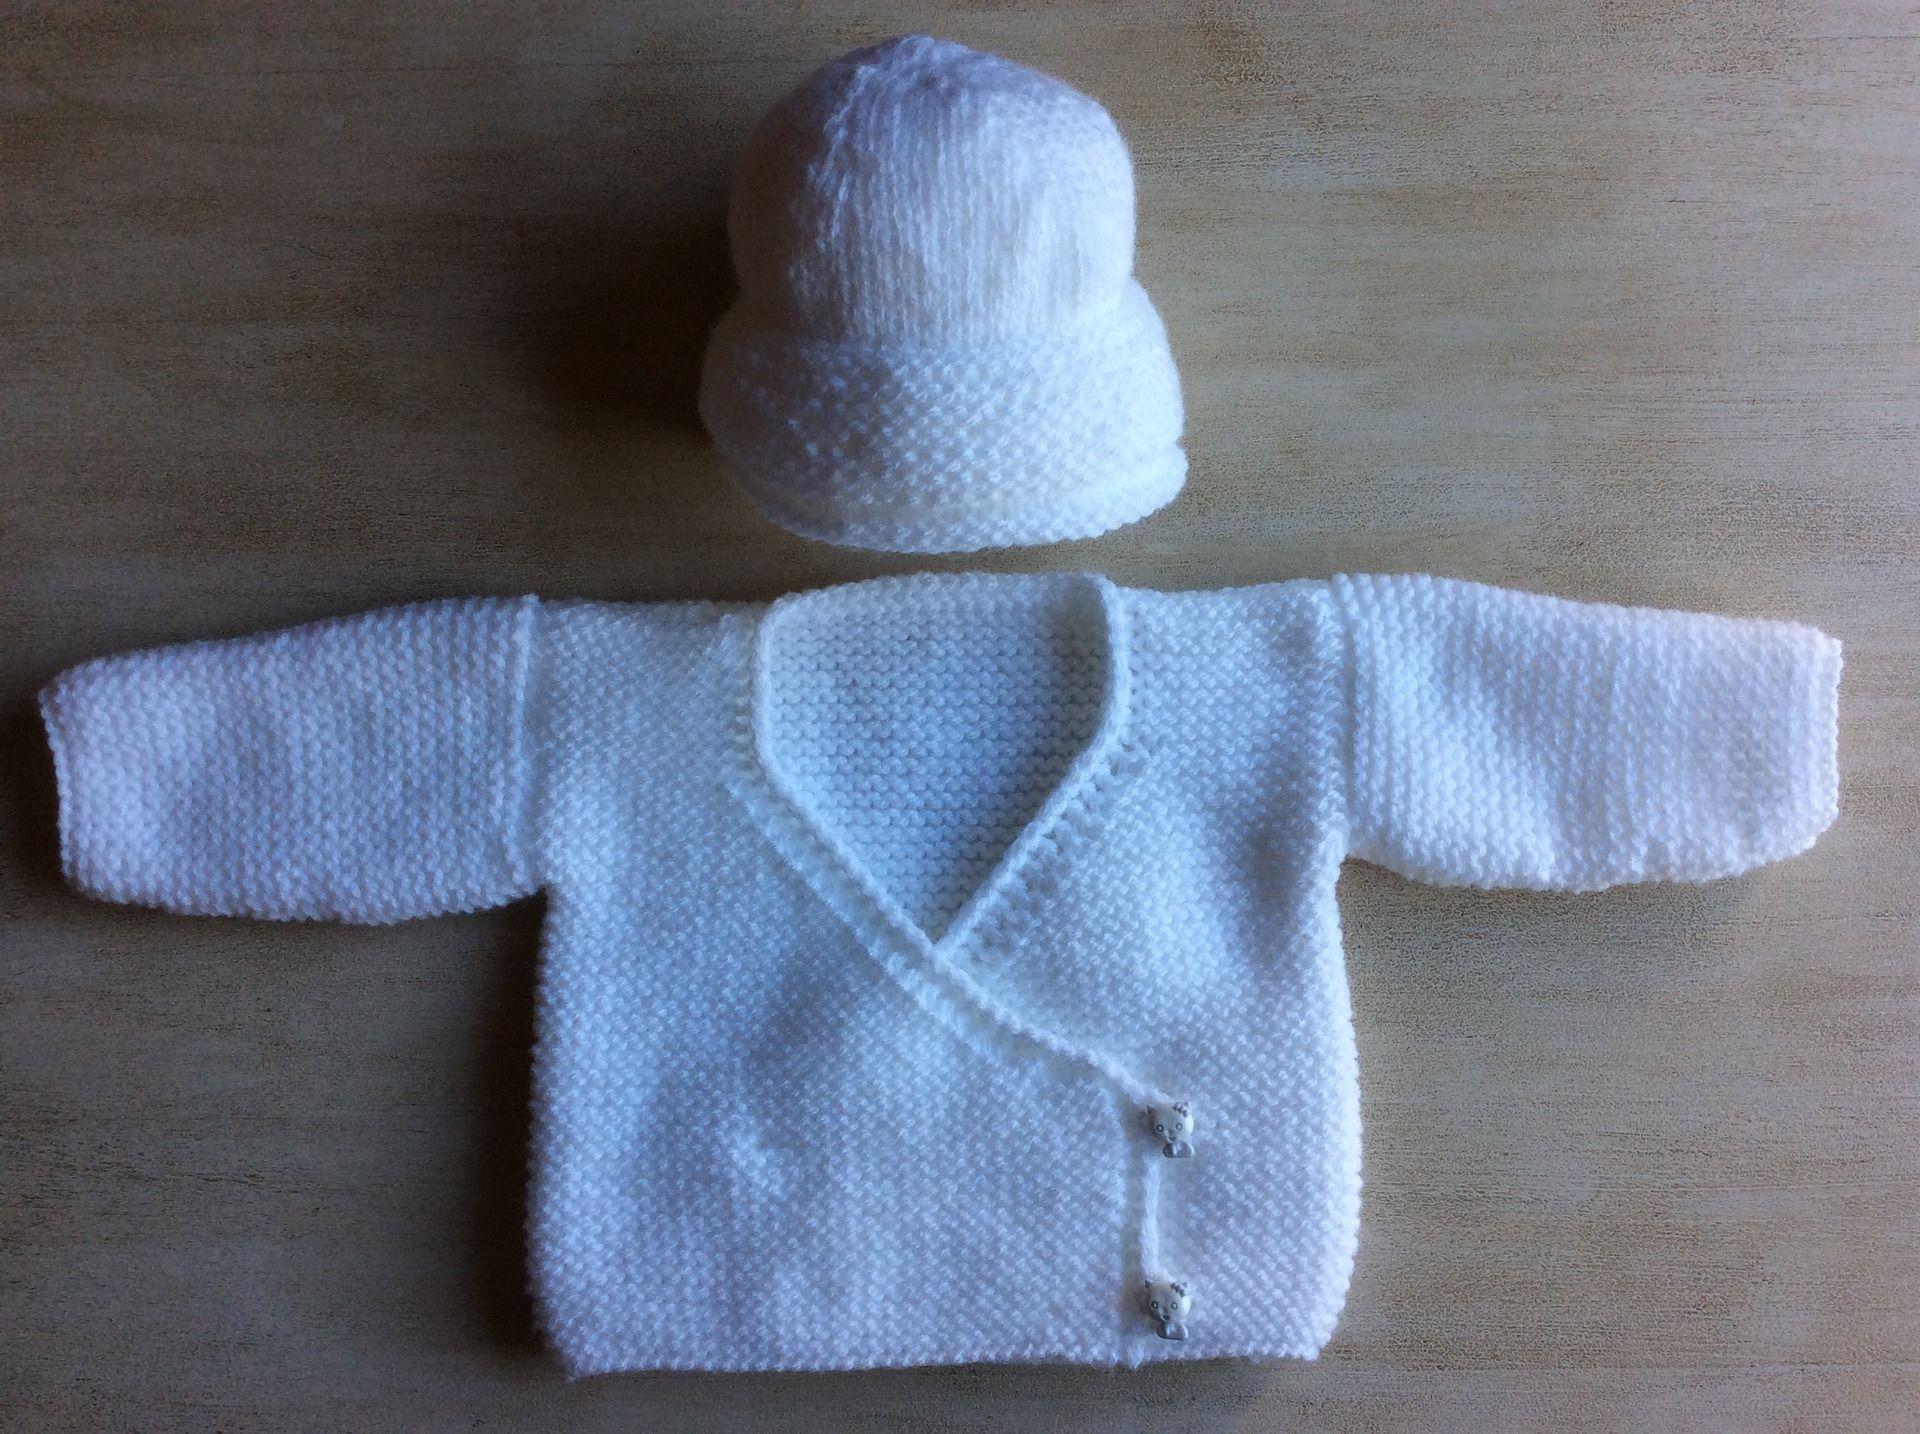 Ensemble Bébé 0 à 1 mois Gilet Cache Coeur Bonnet tricoté main en laine  Couleur blanc pur   Mode Bébé par la-p-tite-mimine 86a3b8599c4